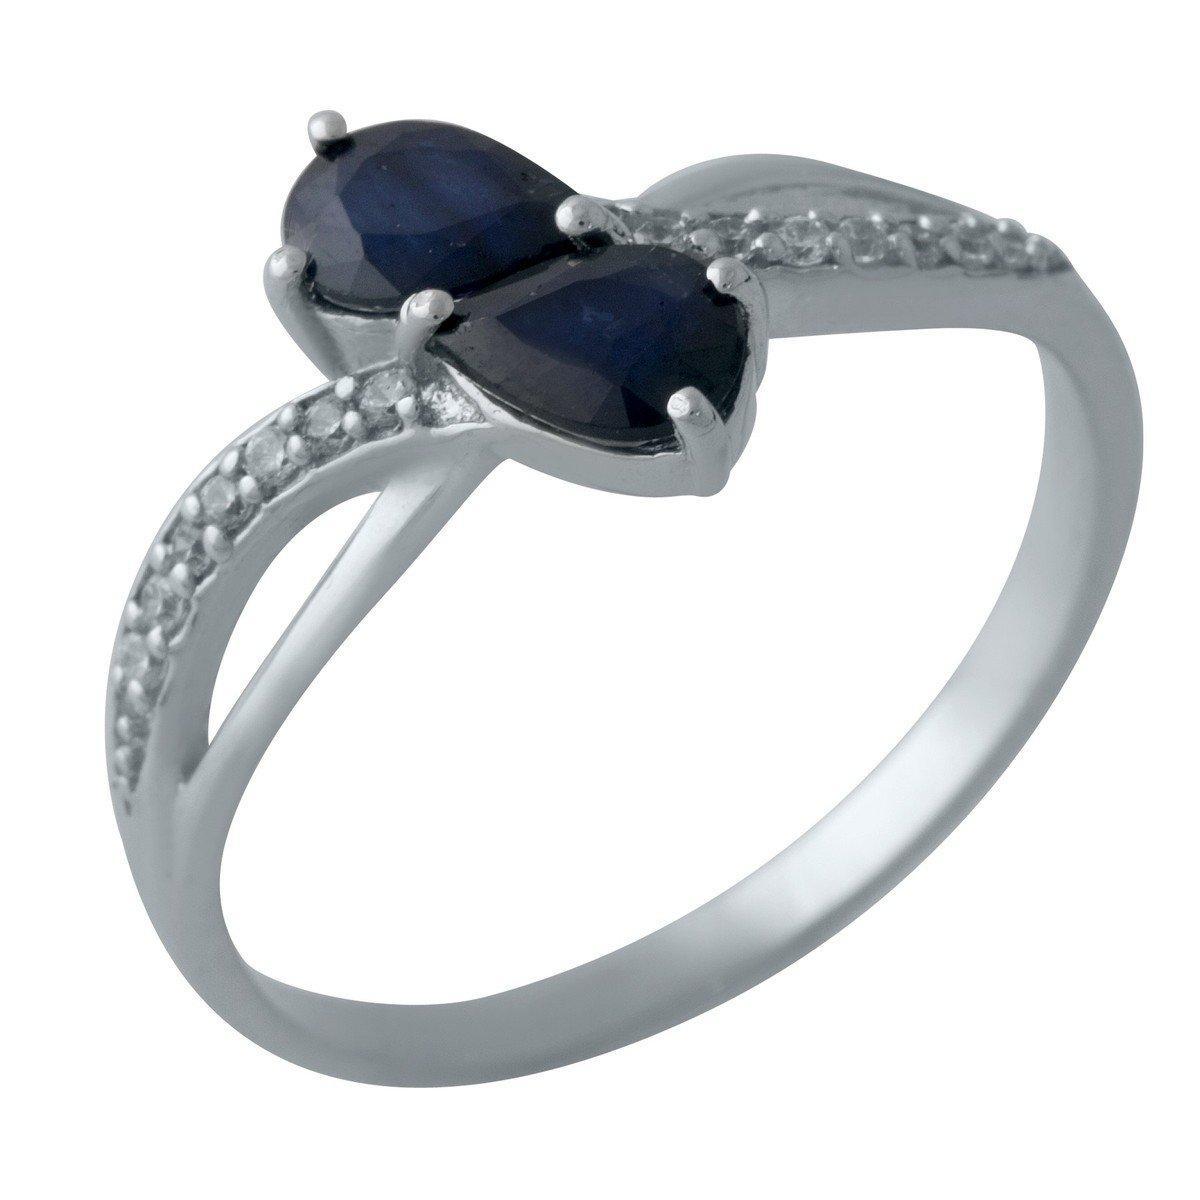 Серебряное кольцо DreamJewelry с натуральным сапфиром (2008996) 17 размер